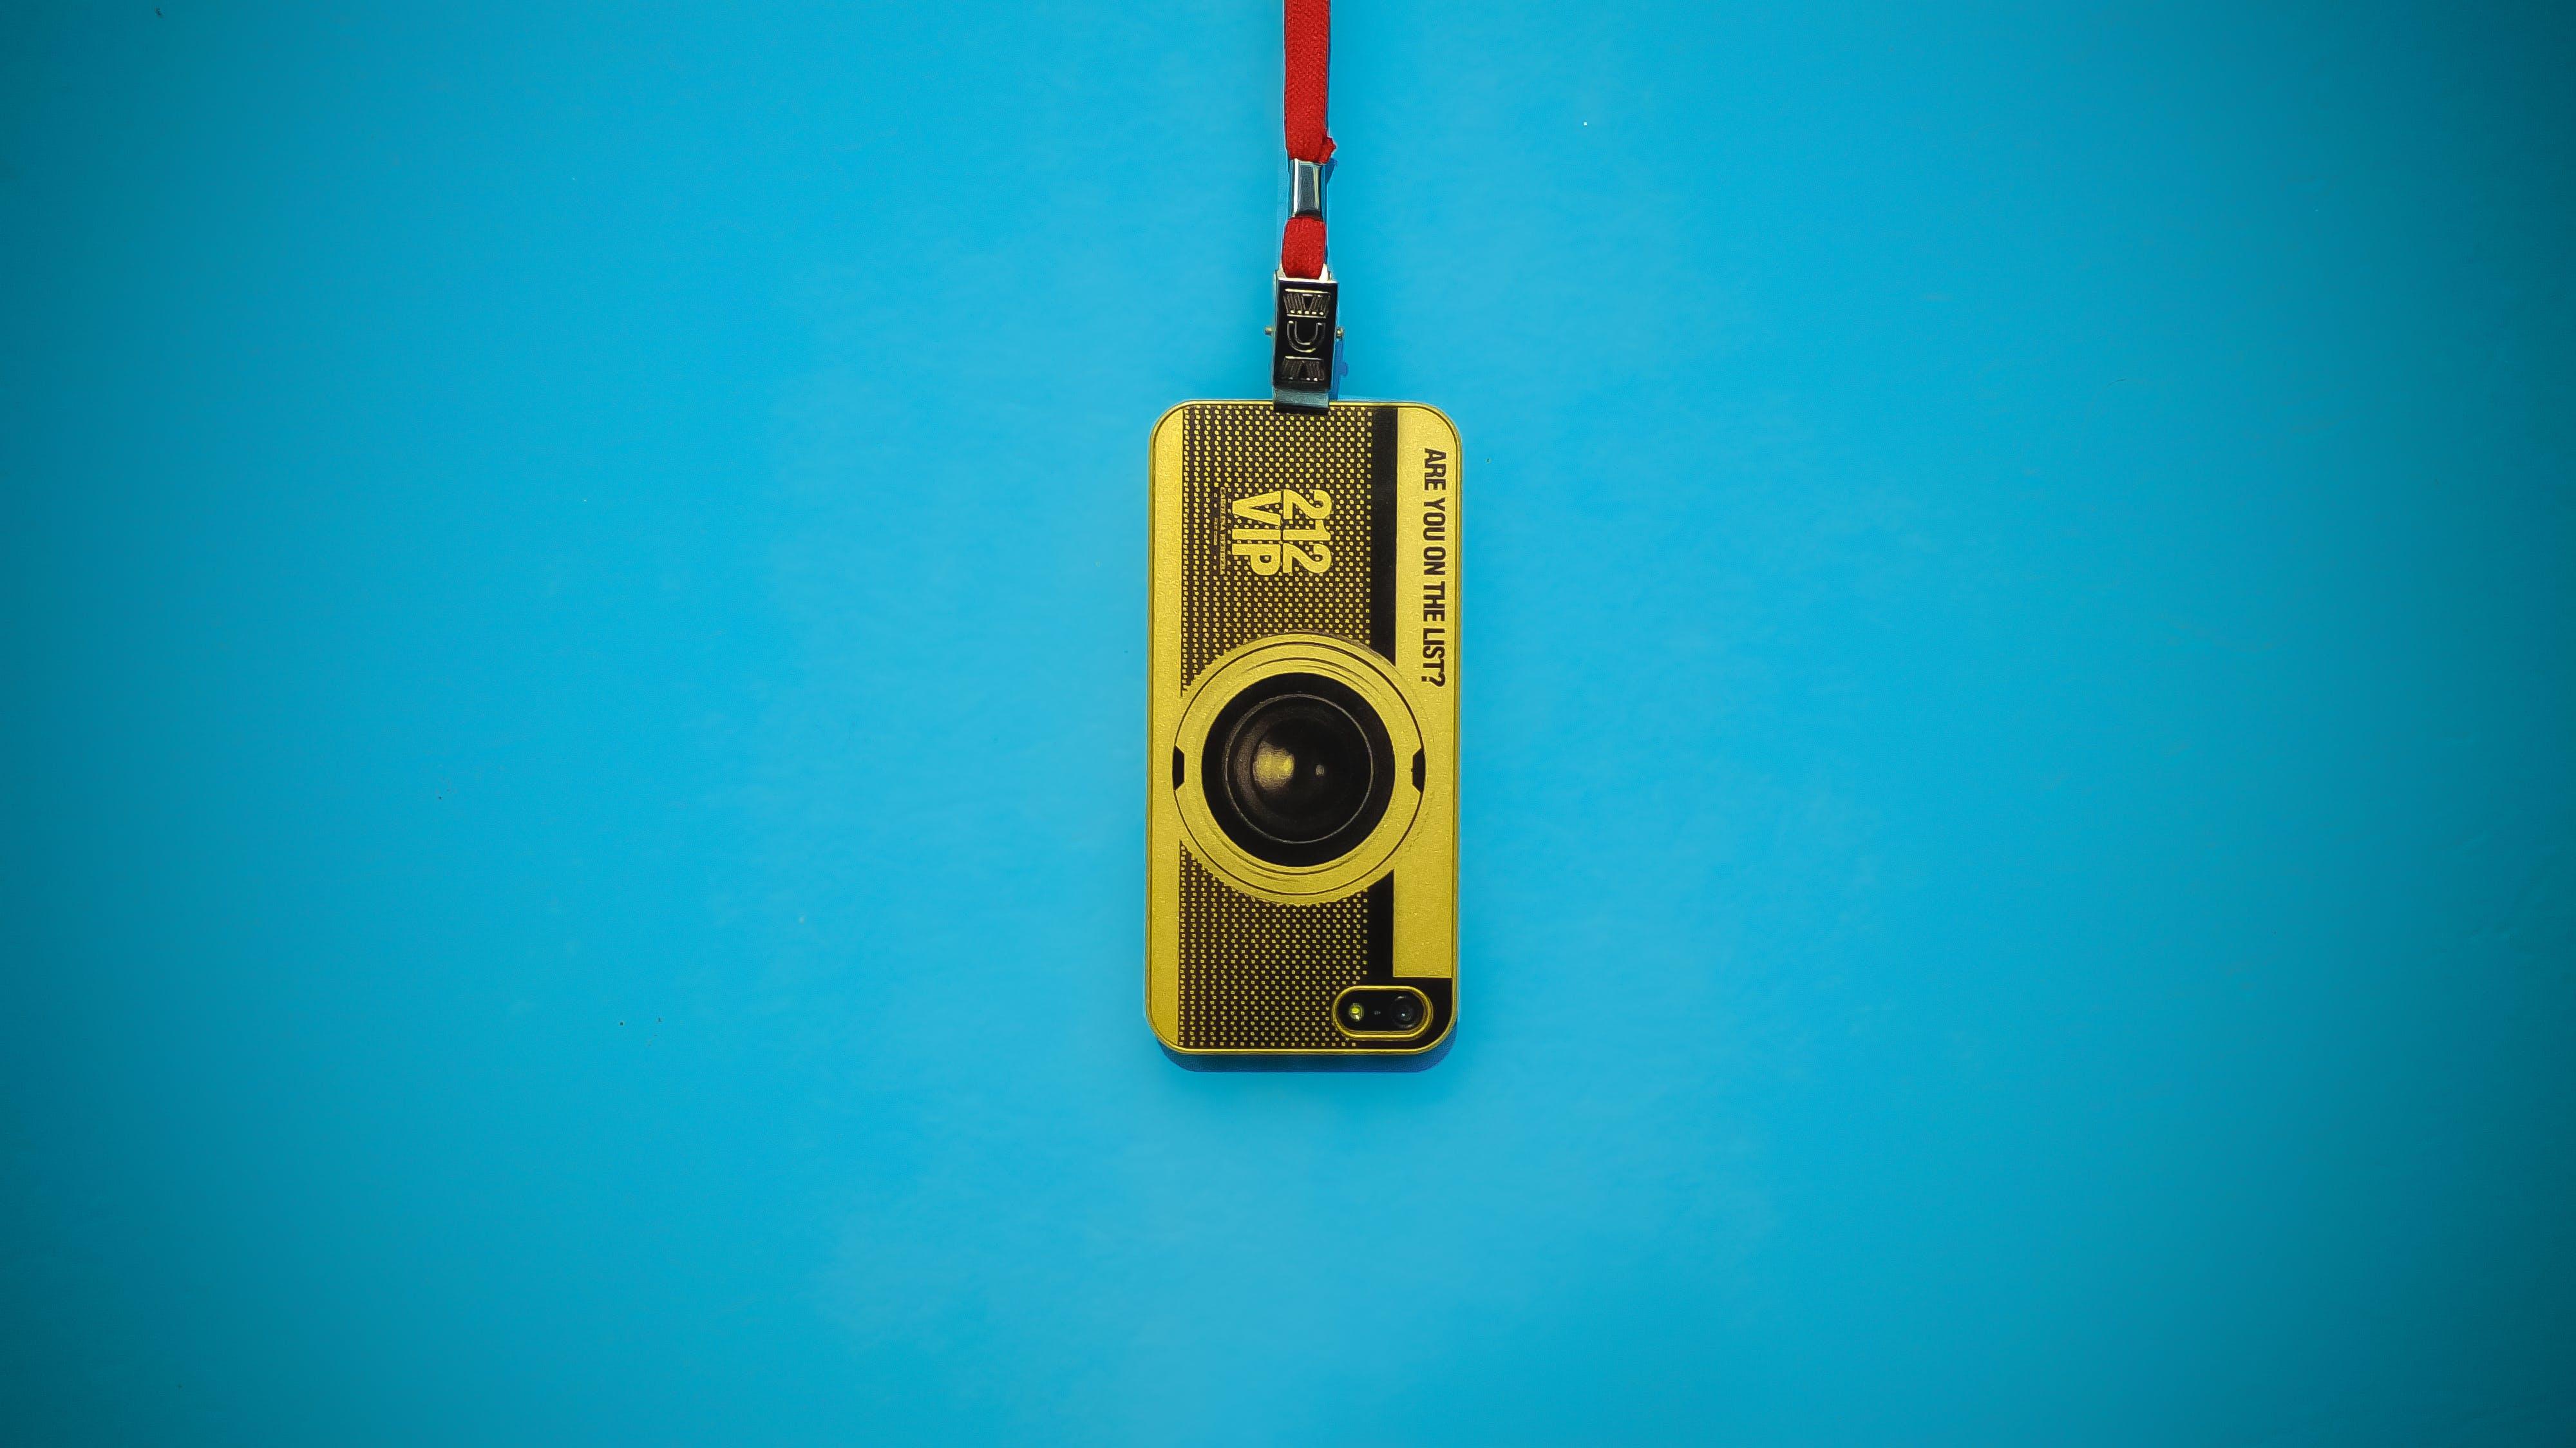 càmera, colors, electrònica